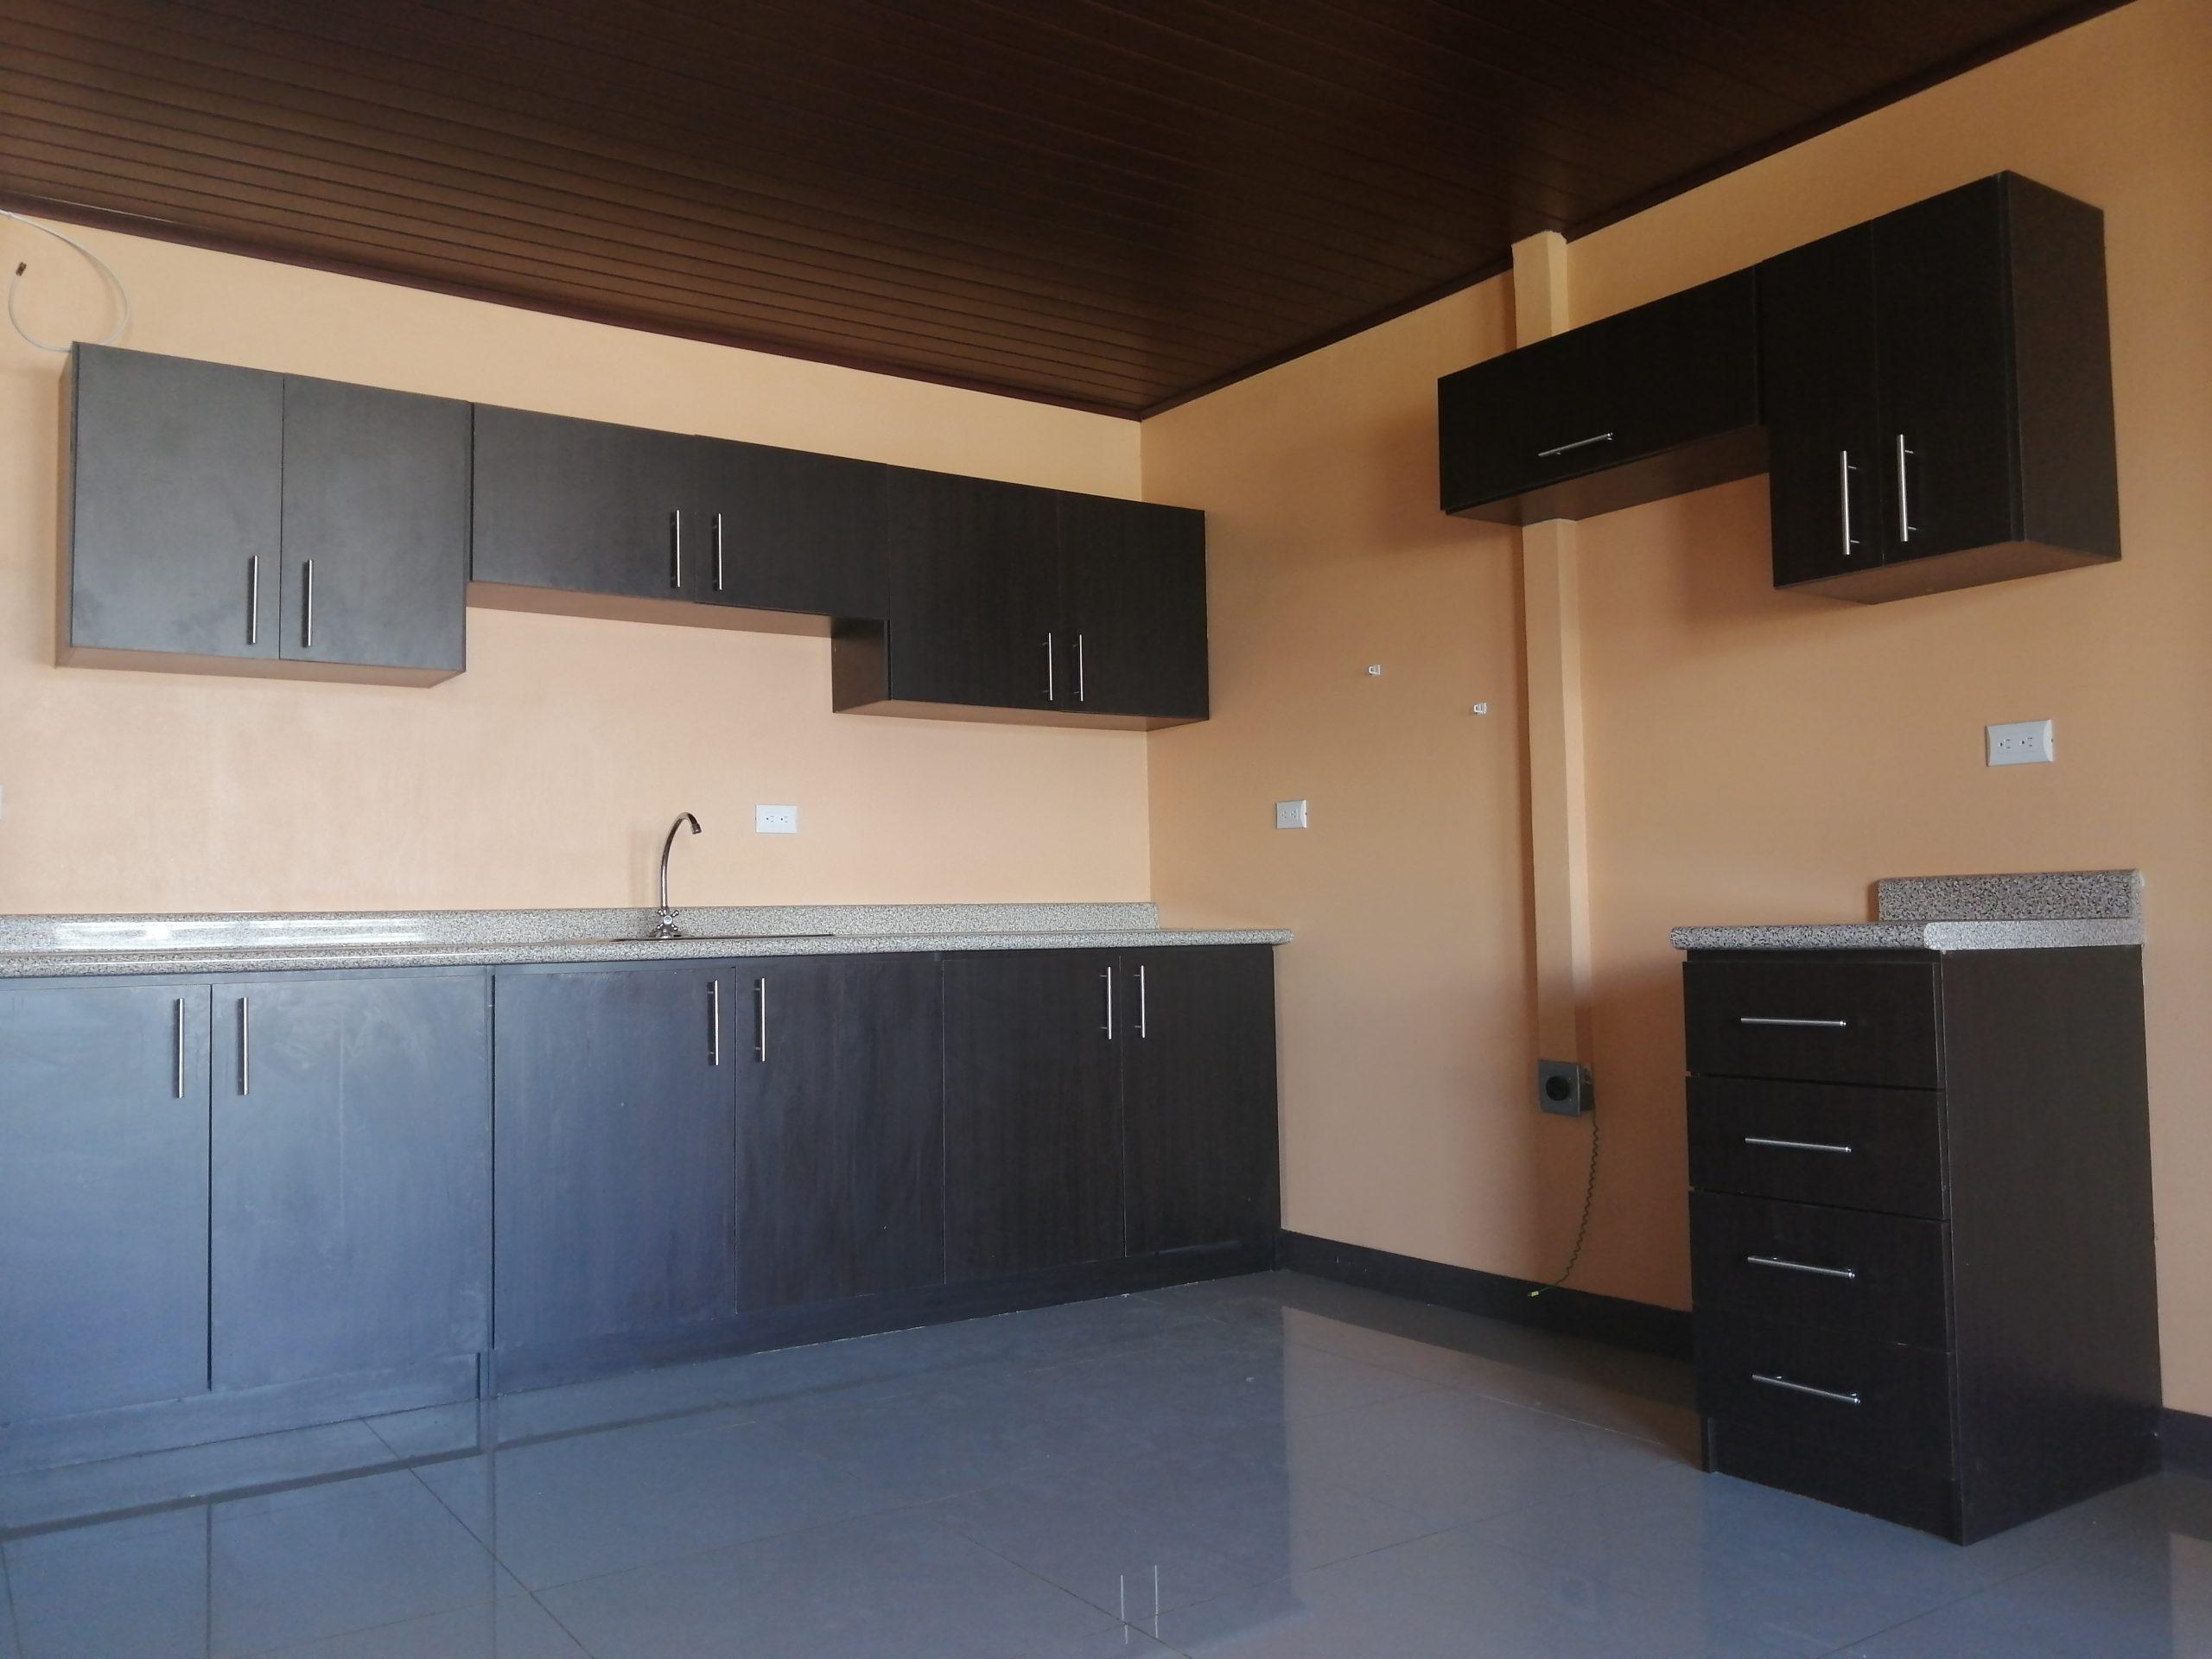 2976 Se Alquila apartamento en La Uruca